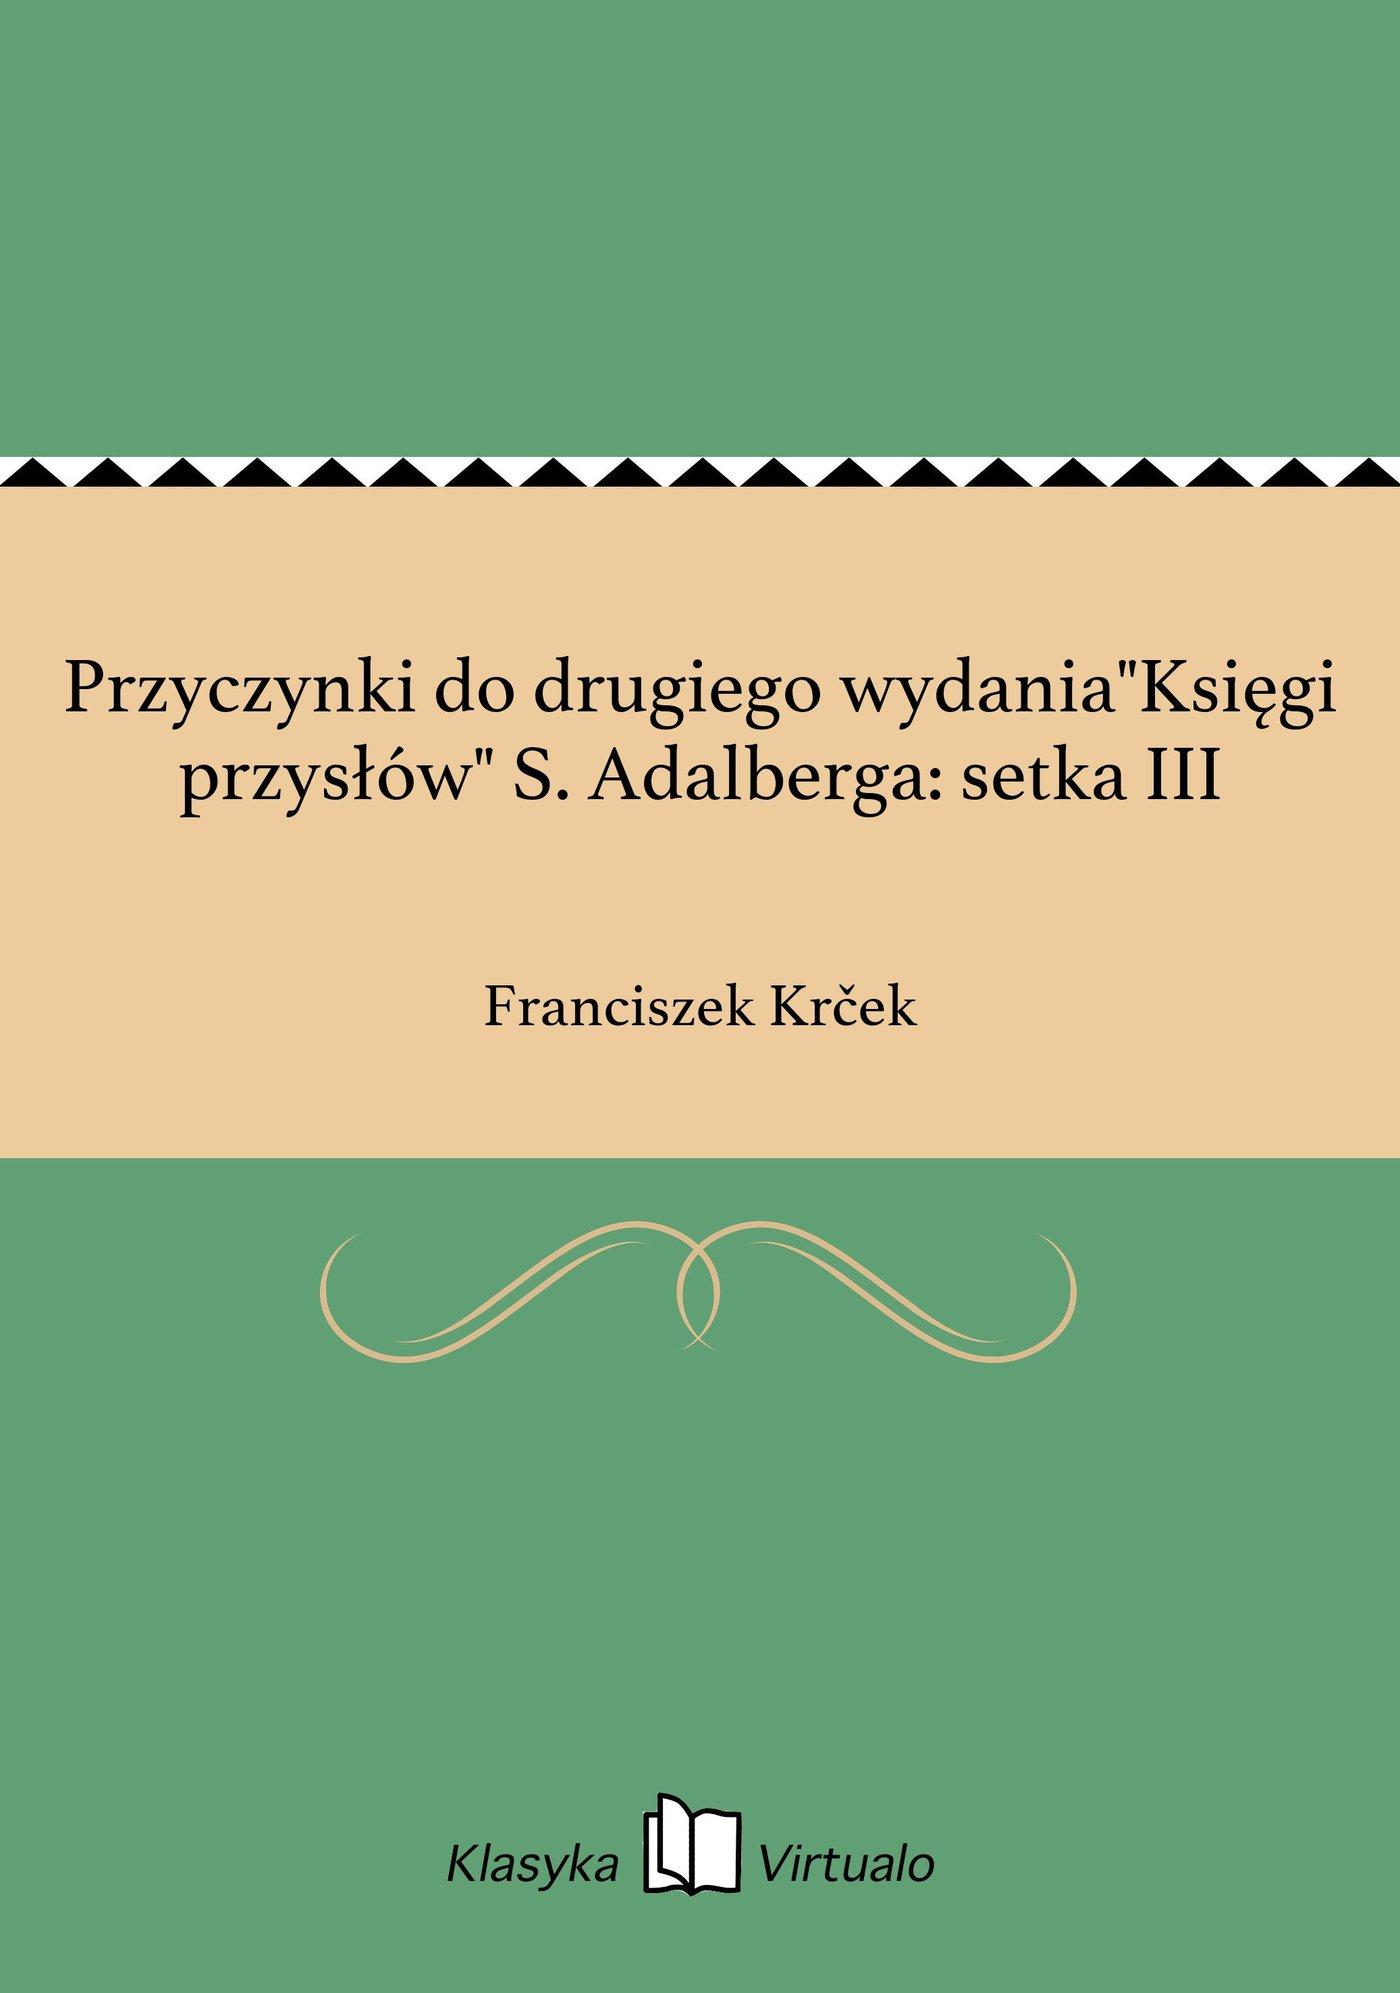 """Przyczynki do drugiego wydania""""Księgi przysłów"""" S. Adalberga: setka III - Ebook (Książka na Kindle) do pobrania w formacie MOBI"""